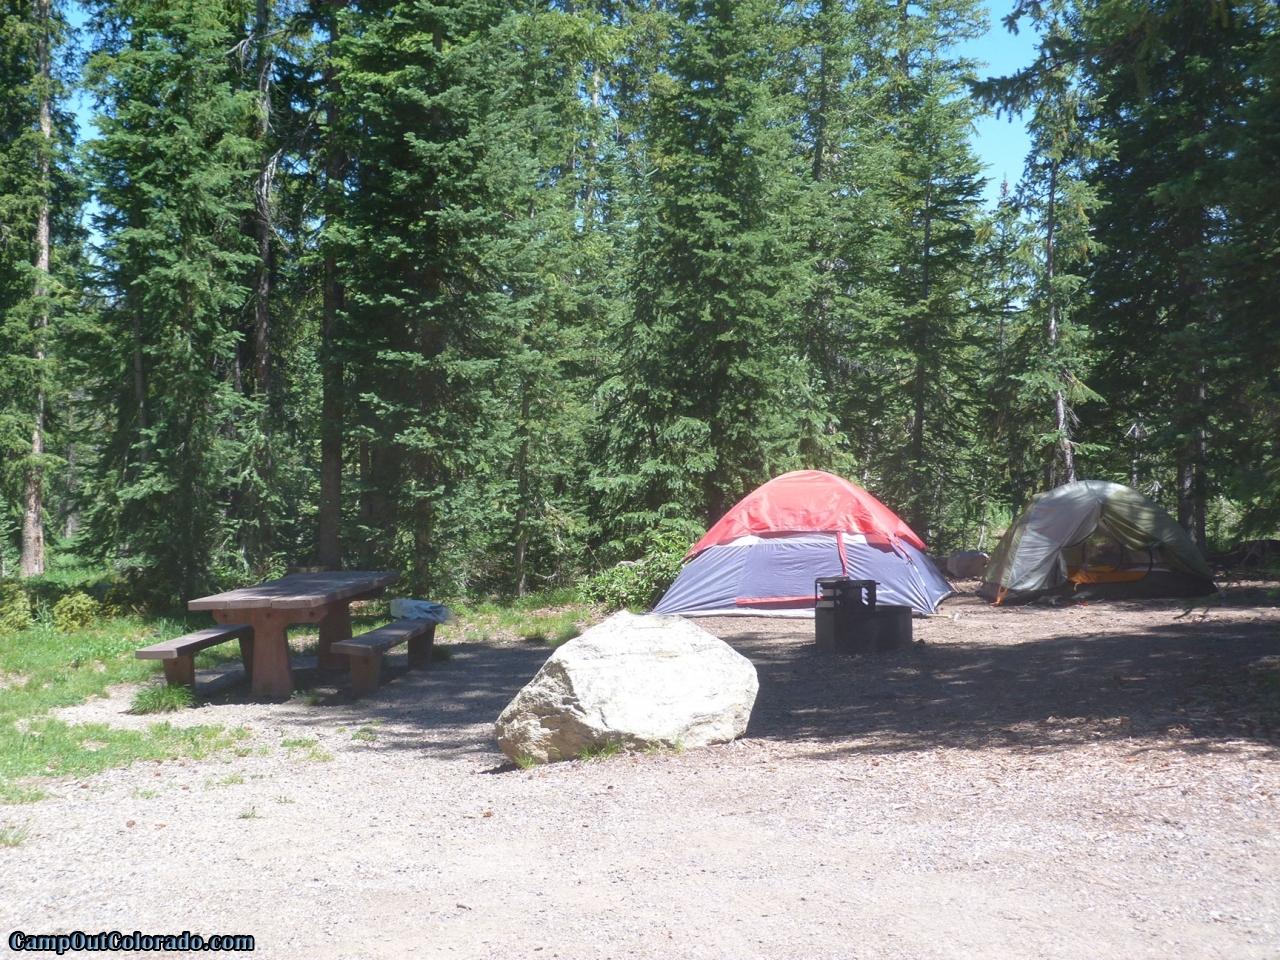 campoutcolorado-meadows-campground-rabbit-ears-camping